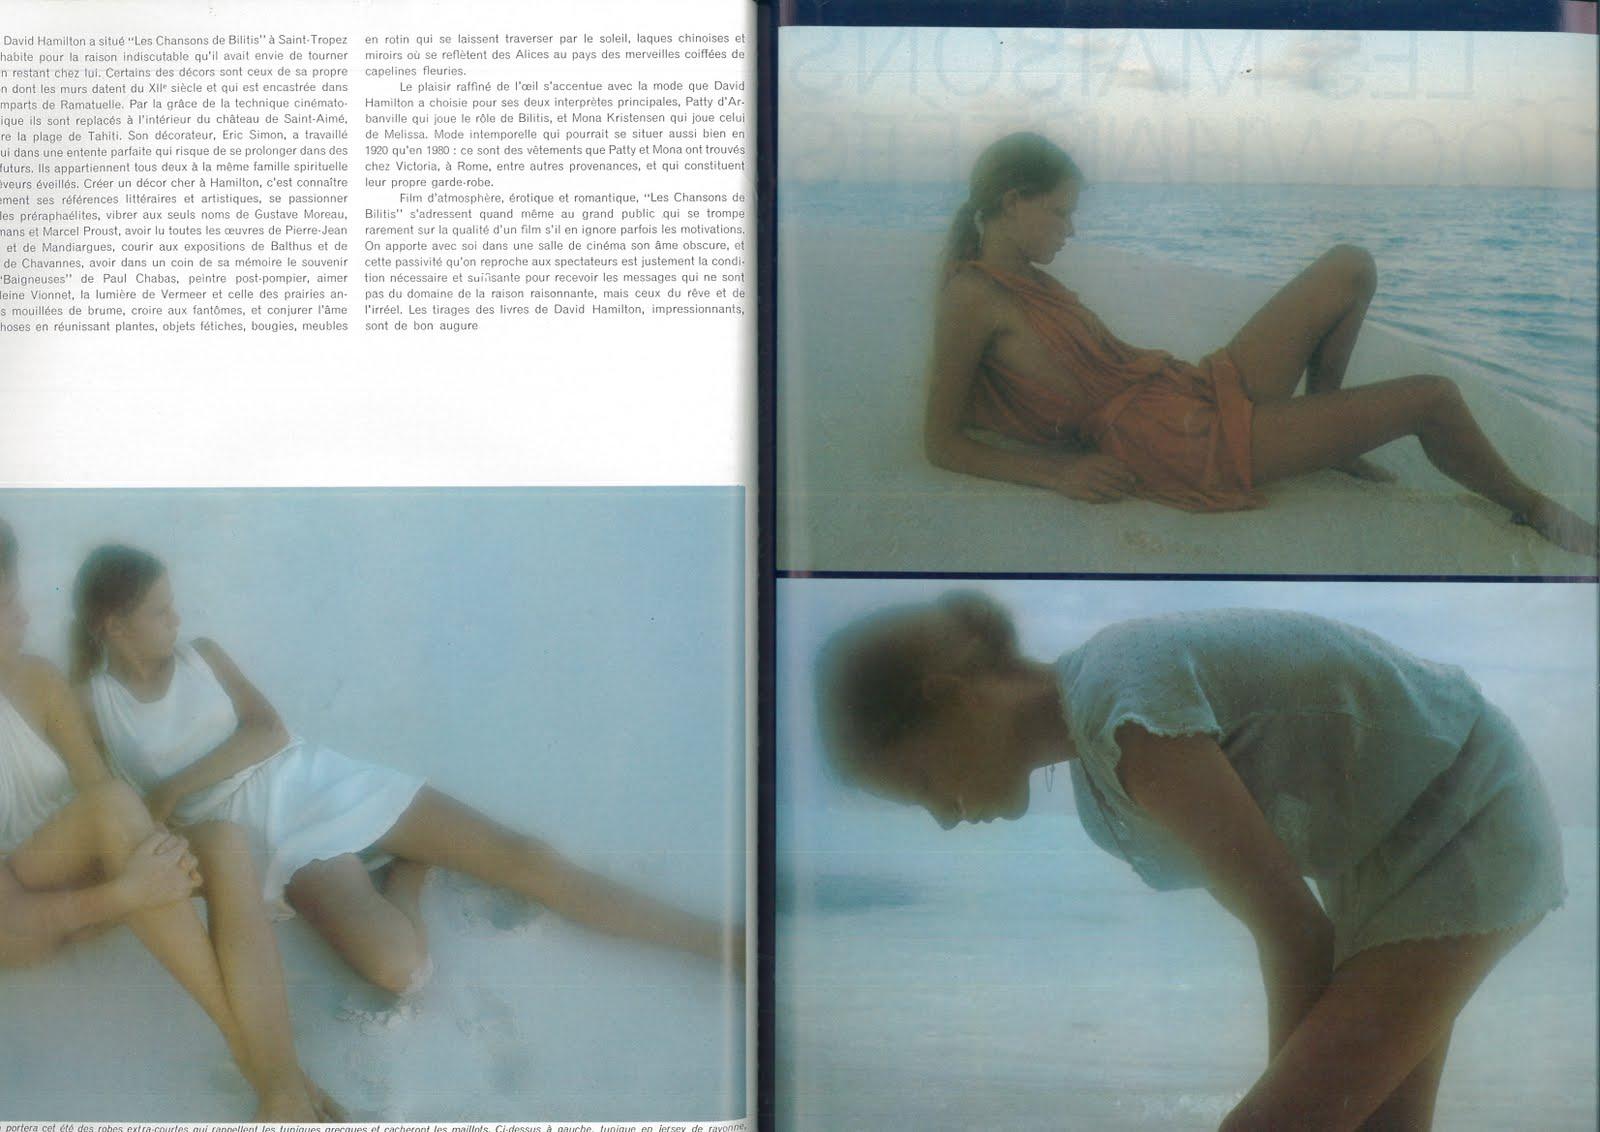 http://2.bp.blogspot.com/-_rpN345-sKA/Tk5ed9u22vI/AAAAAAAAXac/VGGMtZUkTLo/s1600/MX-2600N_20110809_134239_009.jpg